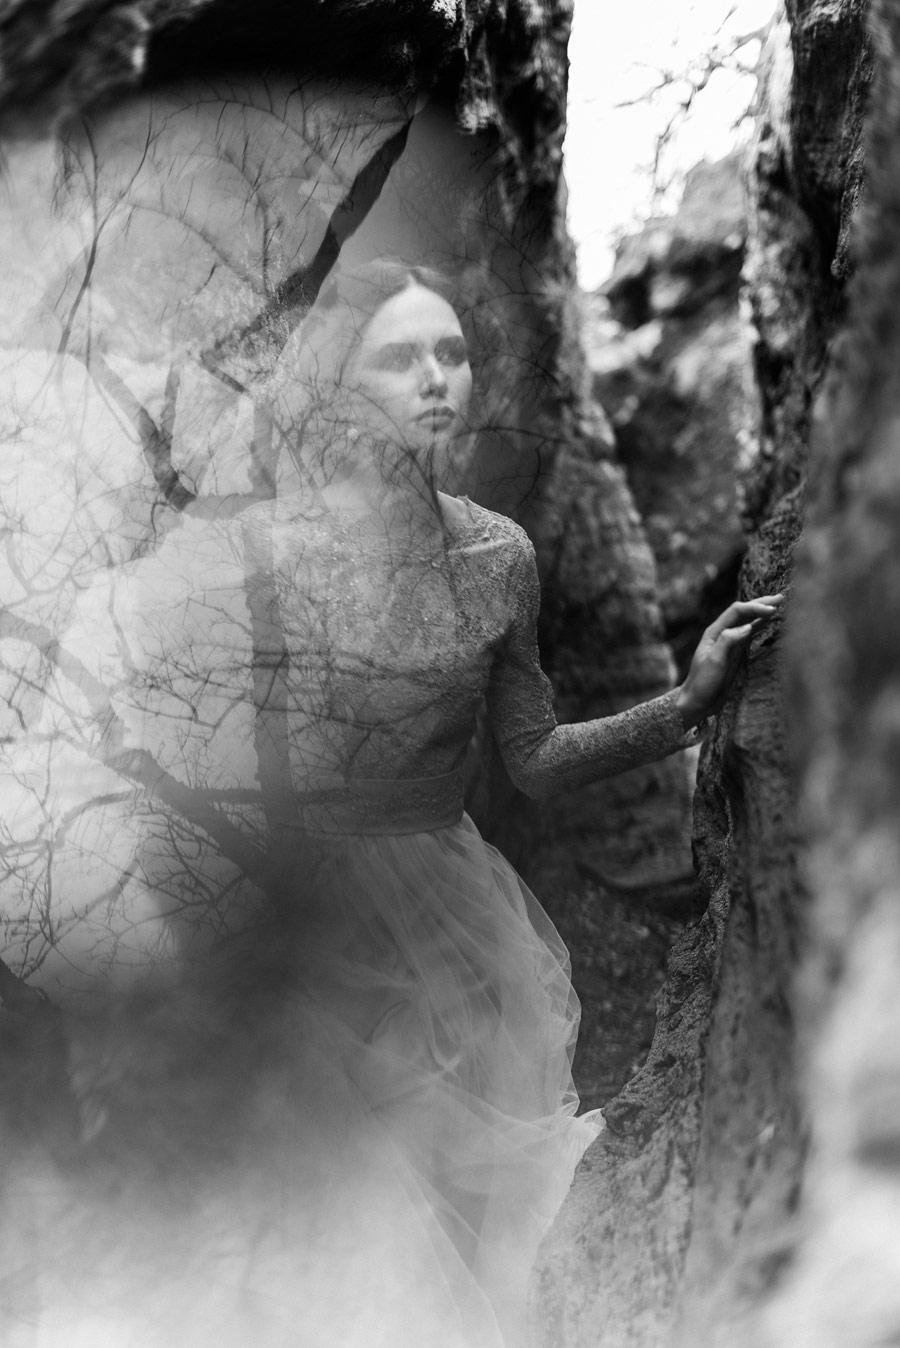 Злата Власова, Валерия, 2 место в номинации «Свадебная фотография», профессионалы, Фотоконкурс Nikon «Я в сердце изображения»